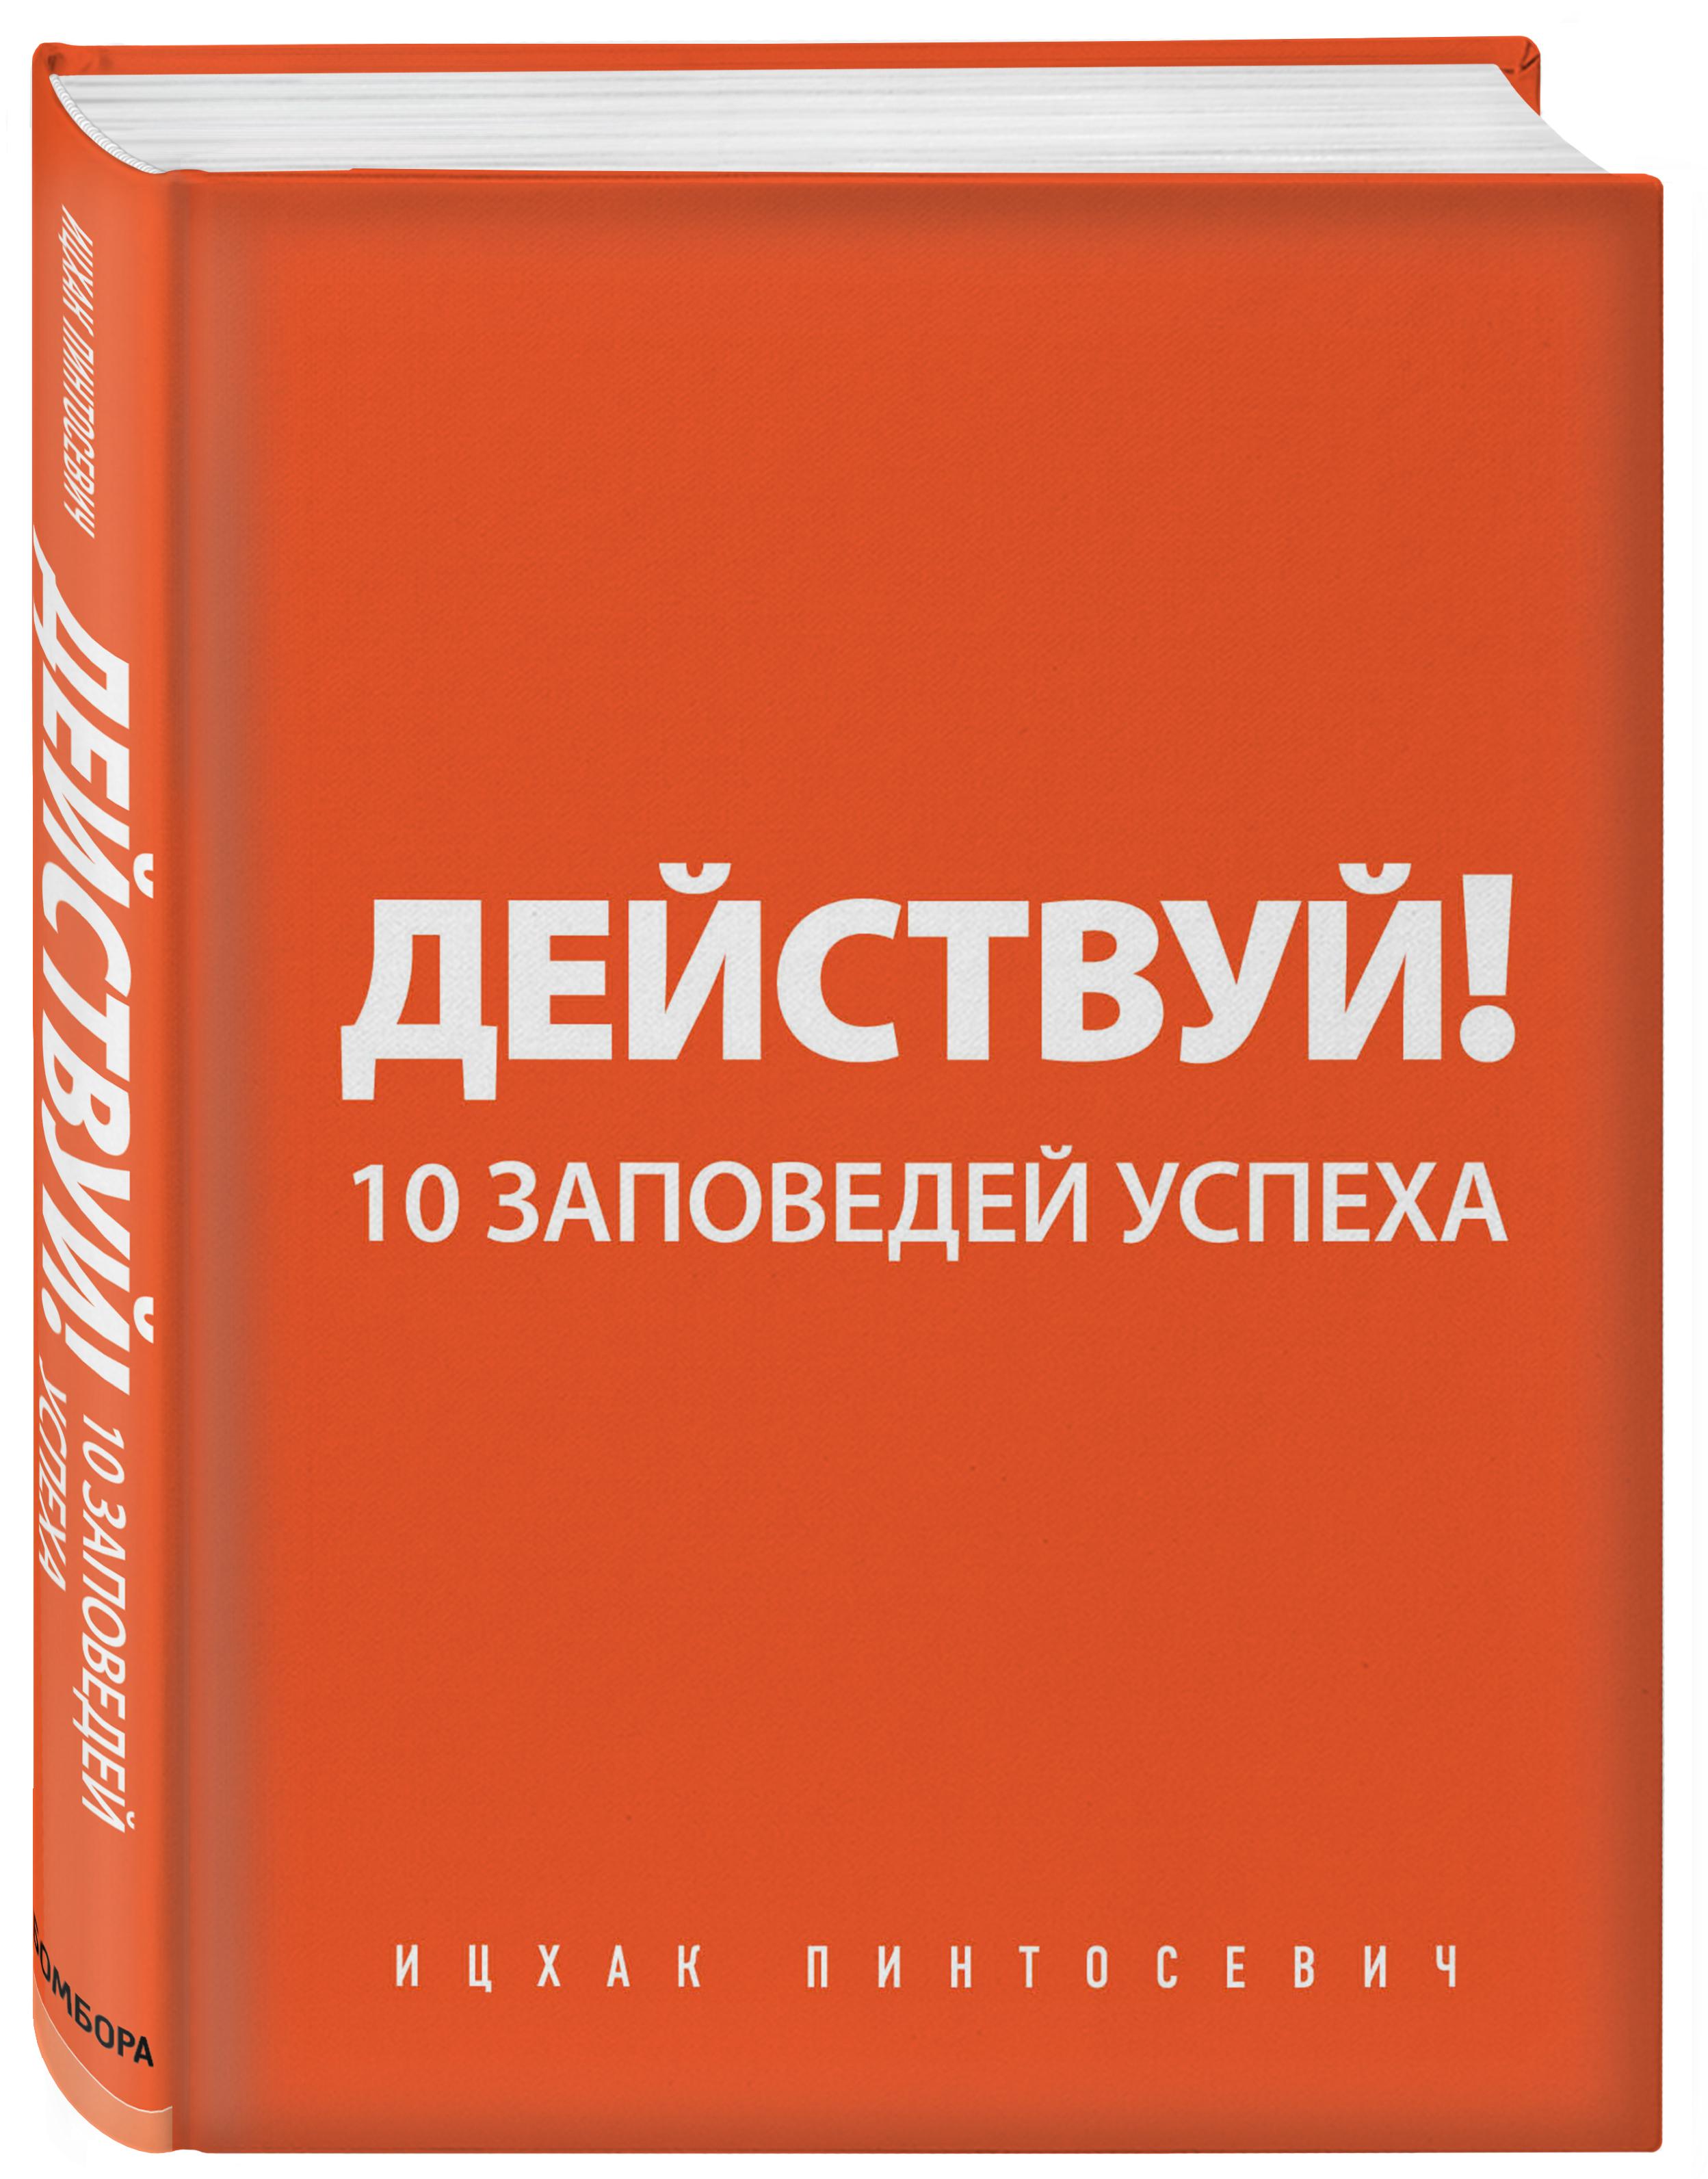 Пинтосевич И. Действуй! 10 заповедей успеха козлова а ваш персональный коучинг успеха руководство к действию